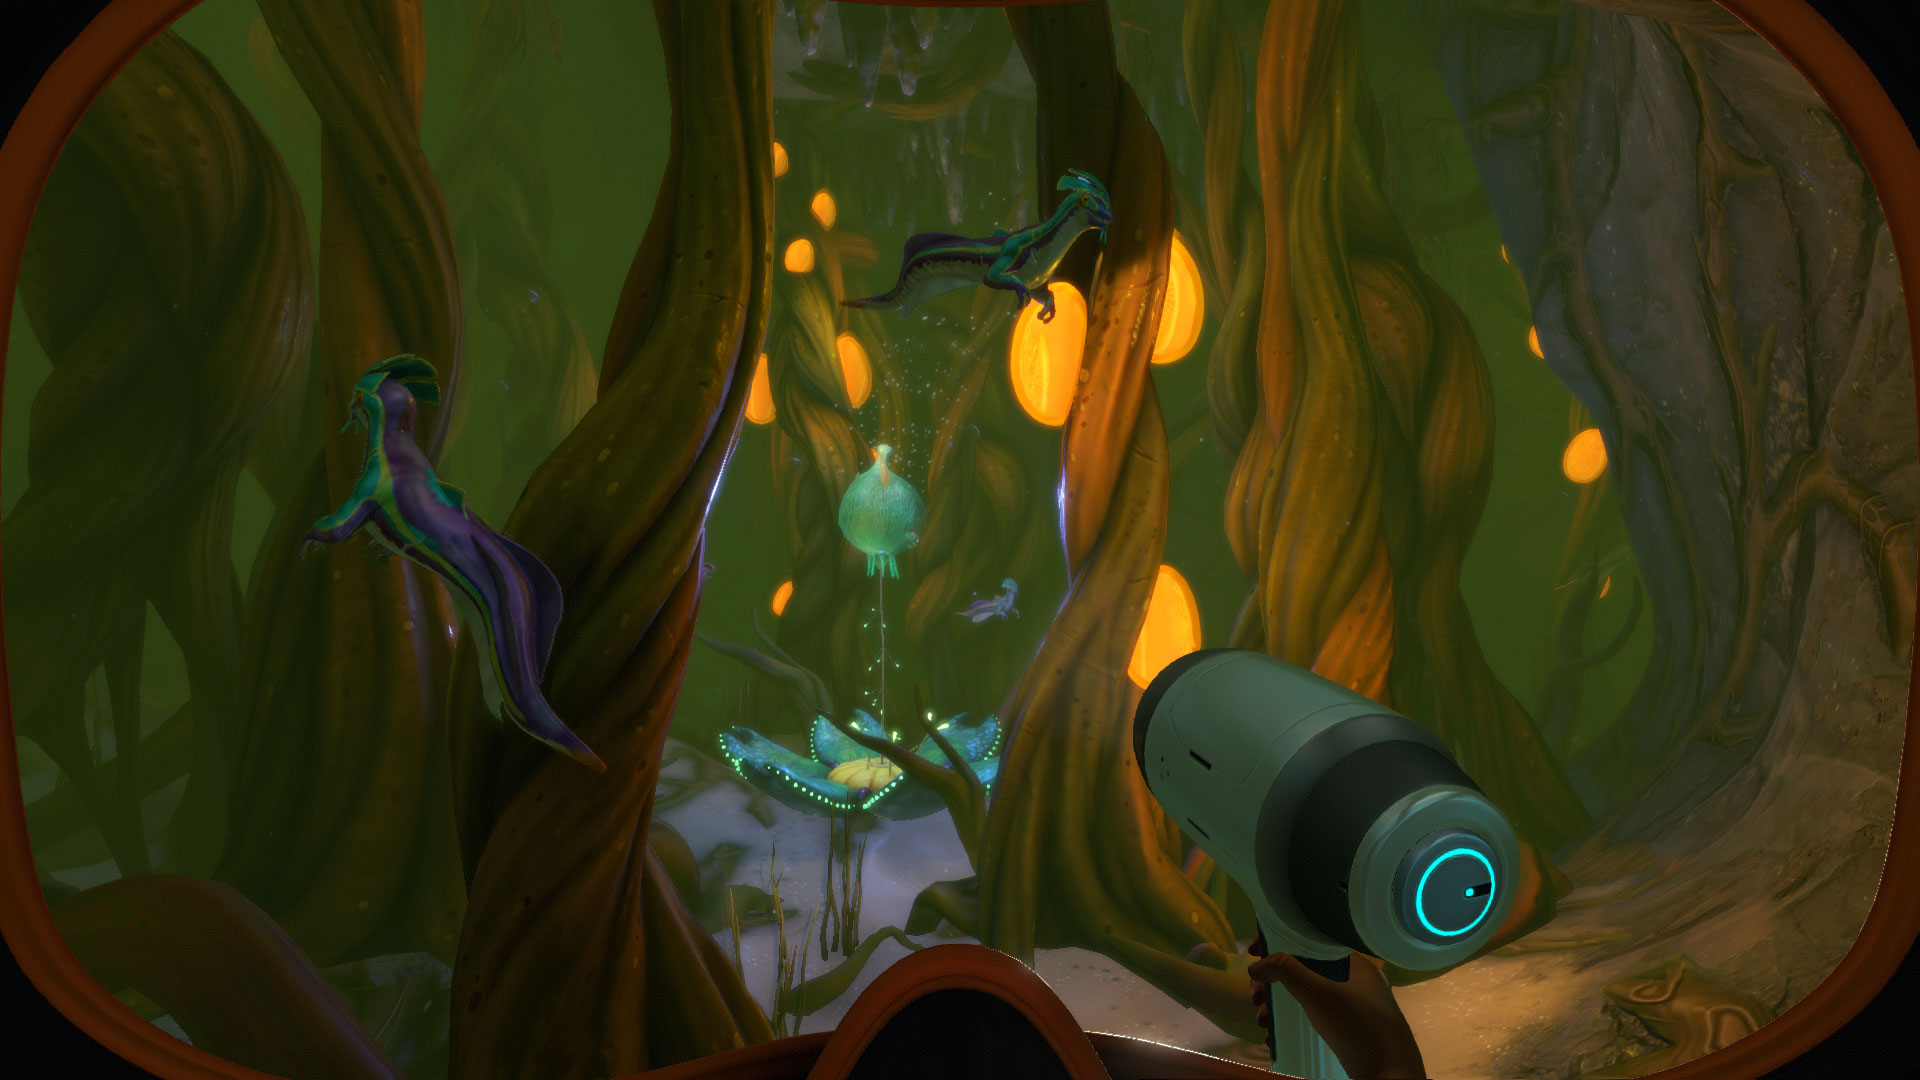 Link Tải Game Subnautica: Below Zero Miễn Phí